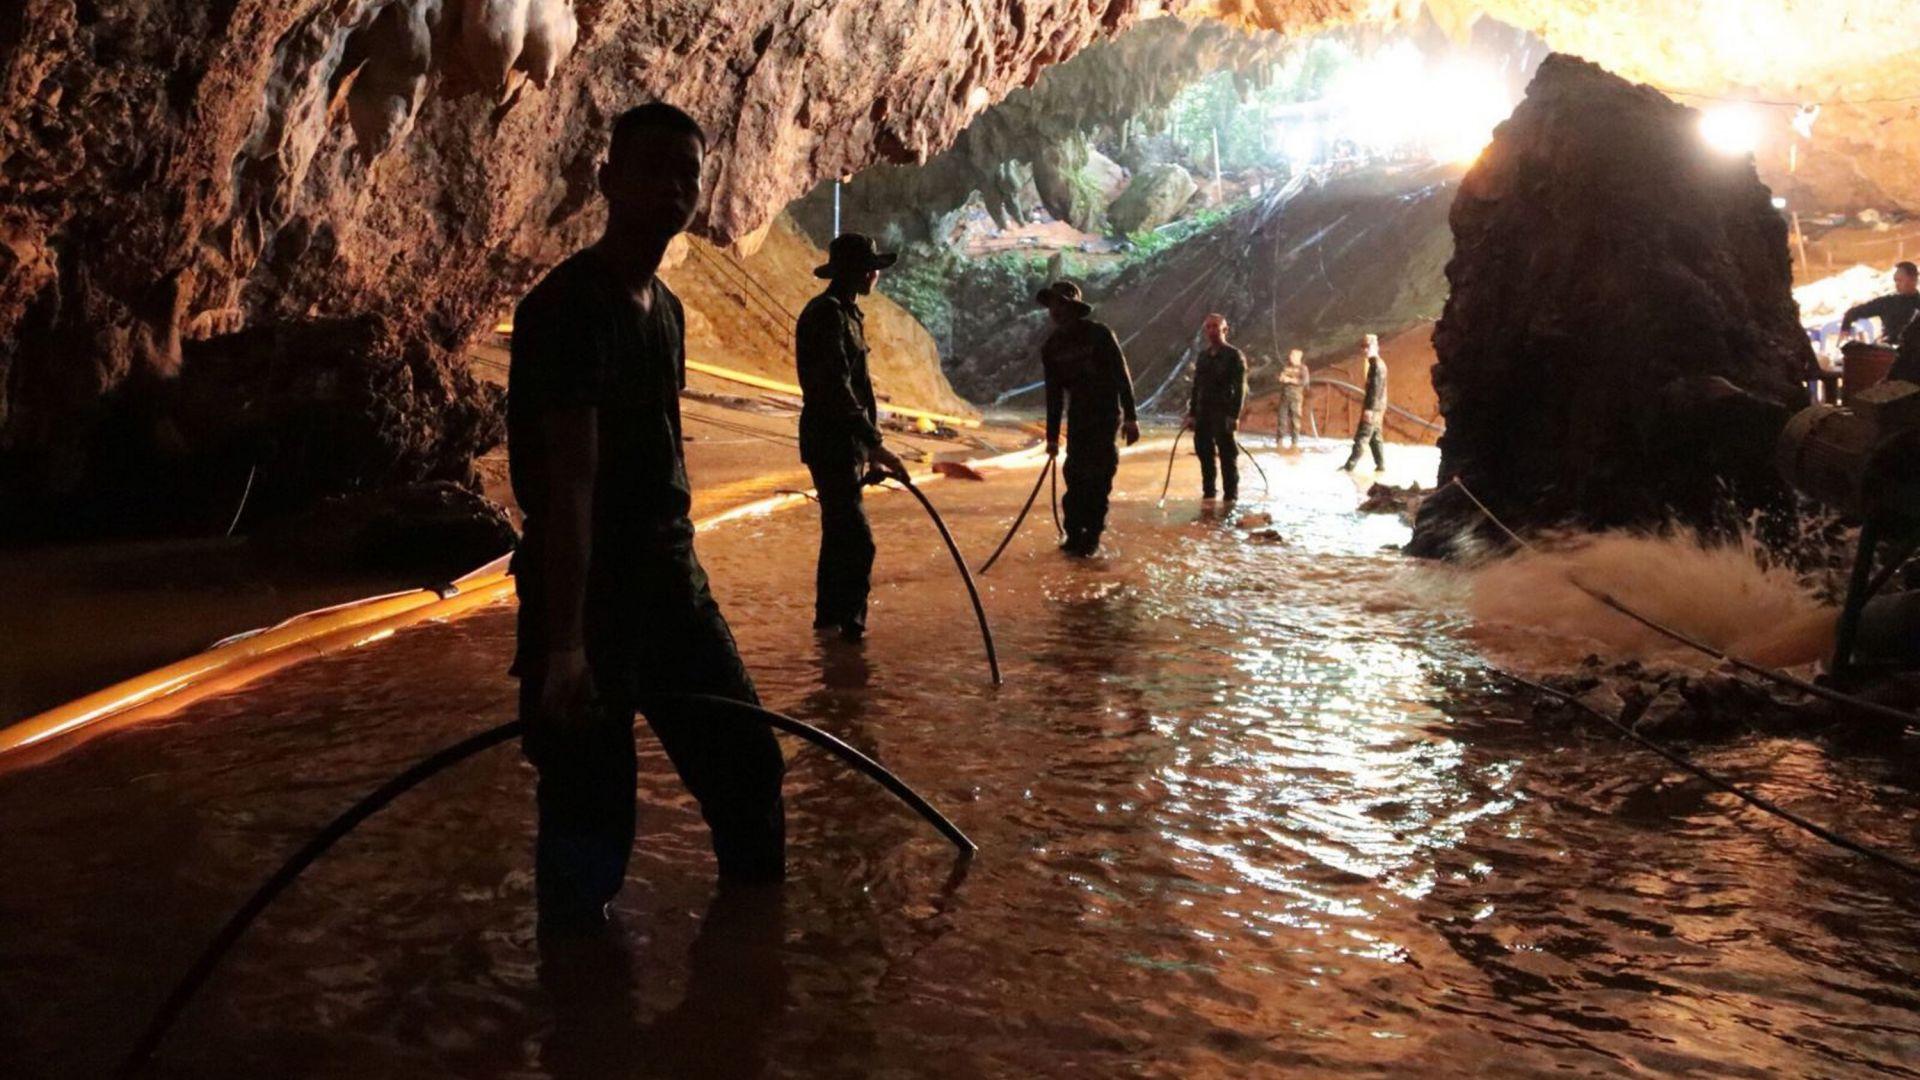 Някои от спасените деца в Тайланд спели при извеждането им от пещерата (видео и галерия)